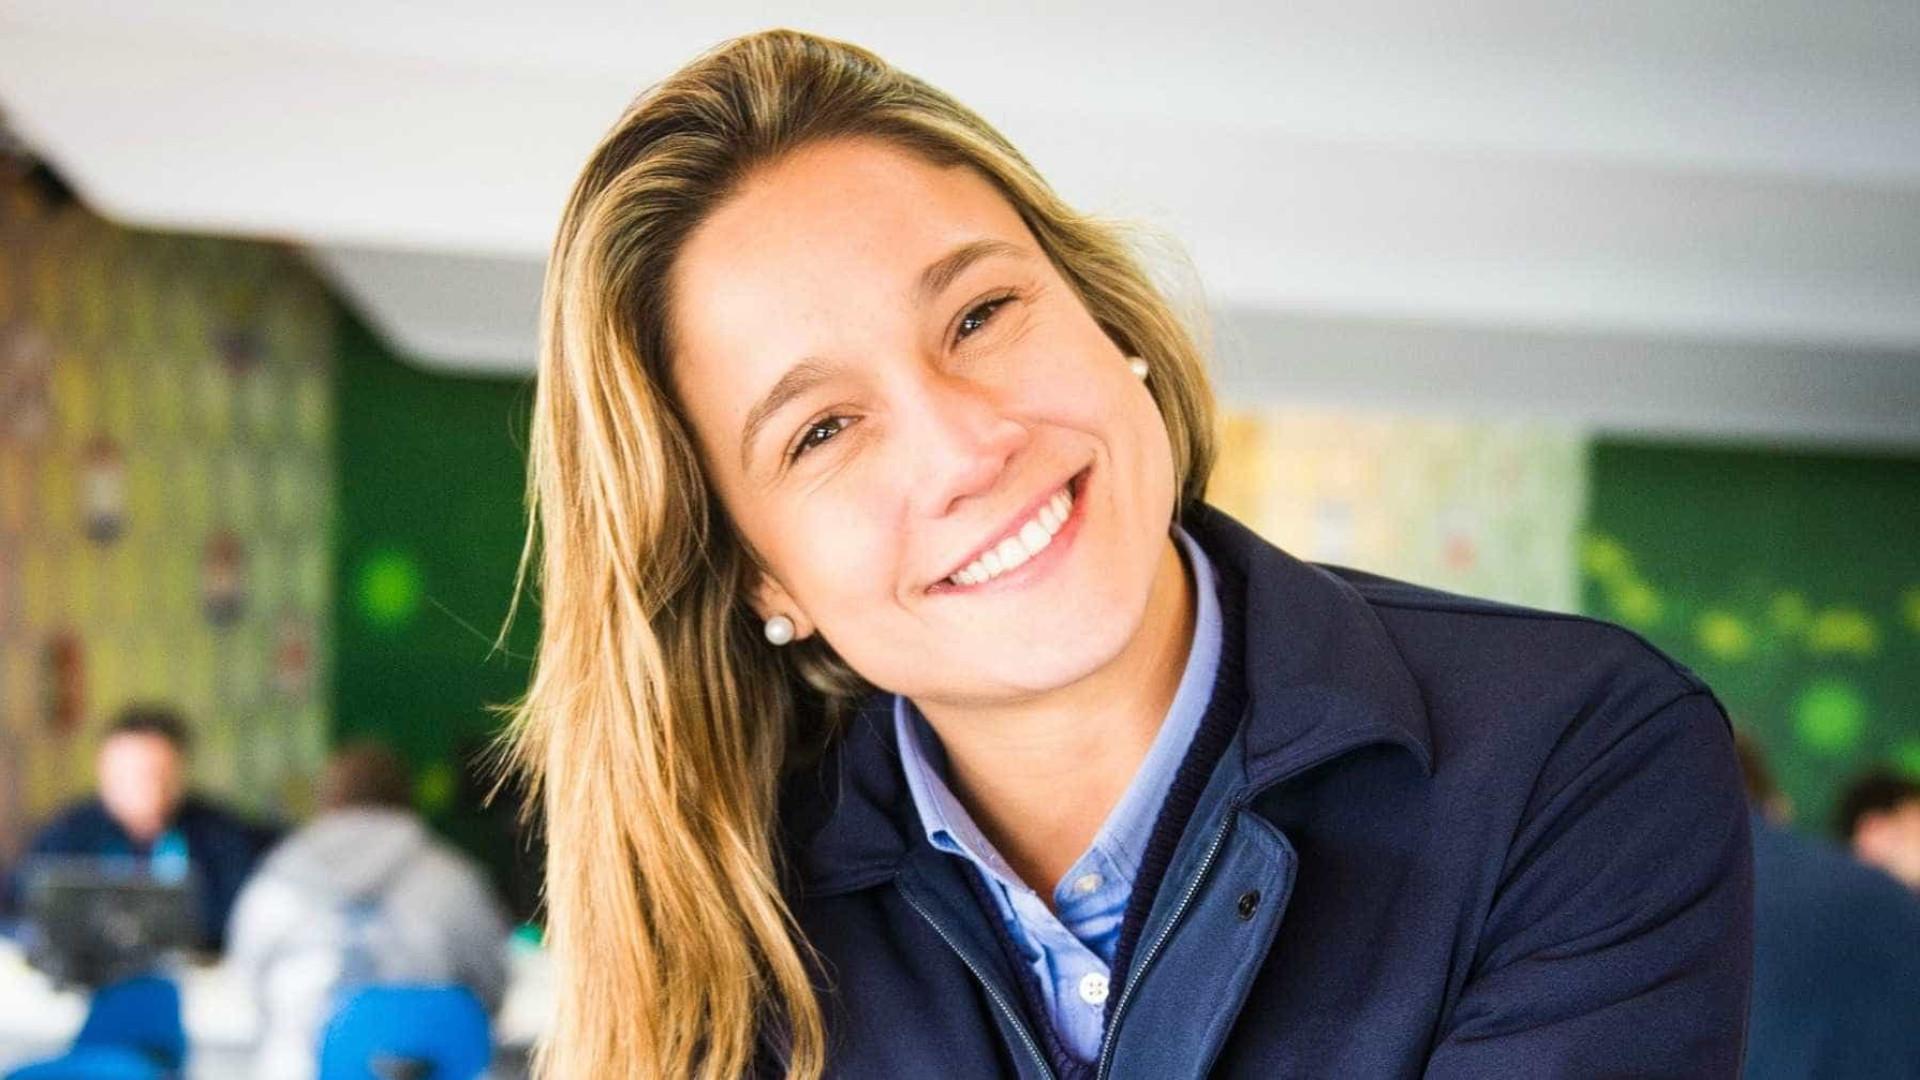 Fernanda Gentil comenta leis russas contra gays: 'Tô bem menininha'